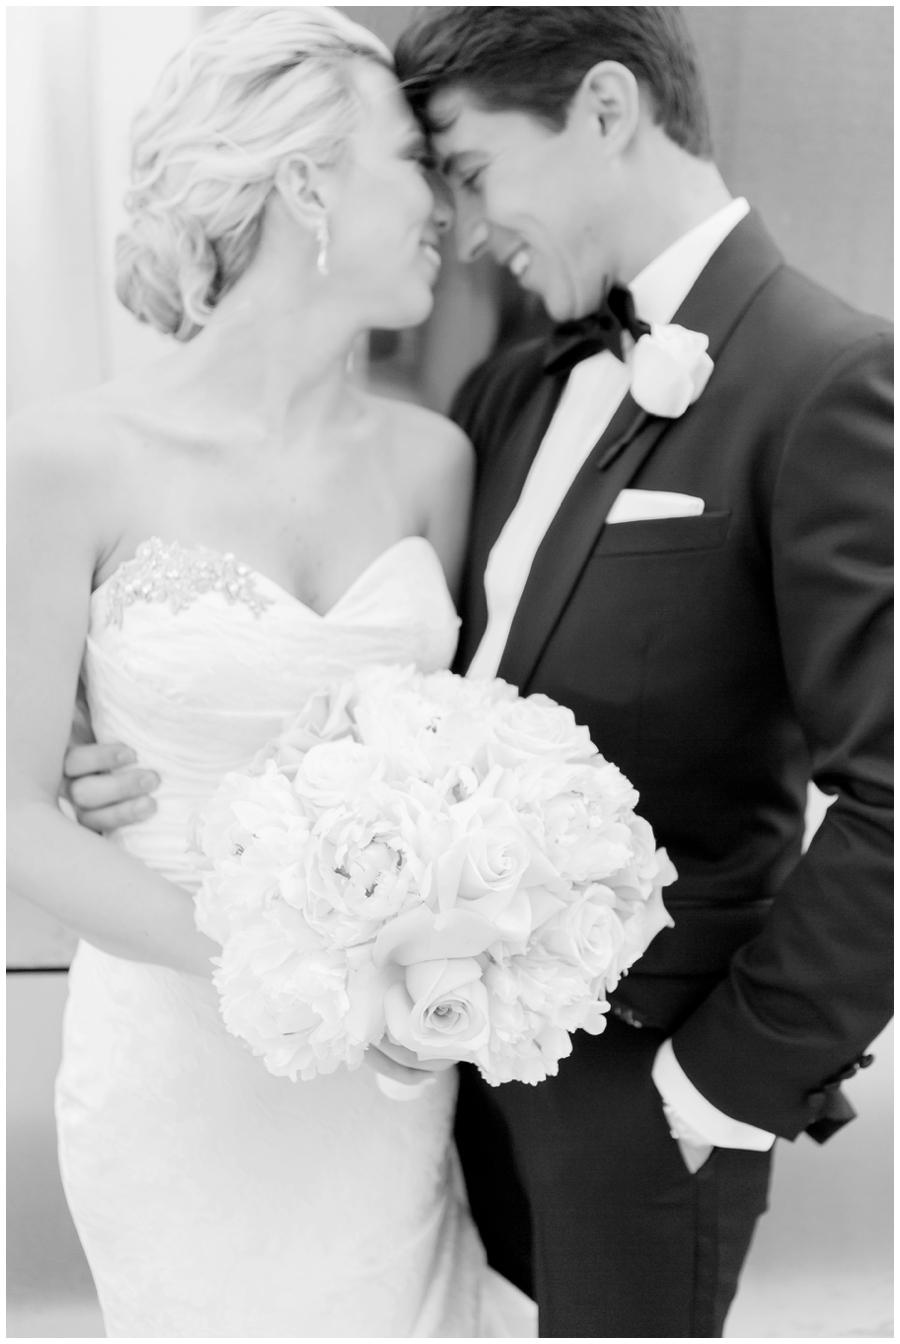 Ariane Moshayedi Photography - Wedding Photographer Orange County Newport Beach_0228.jpg